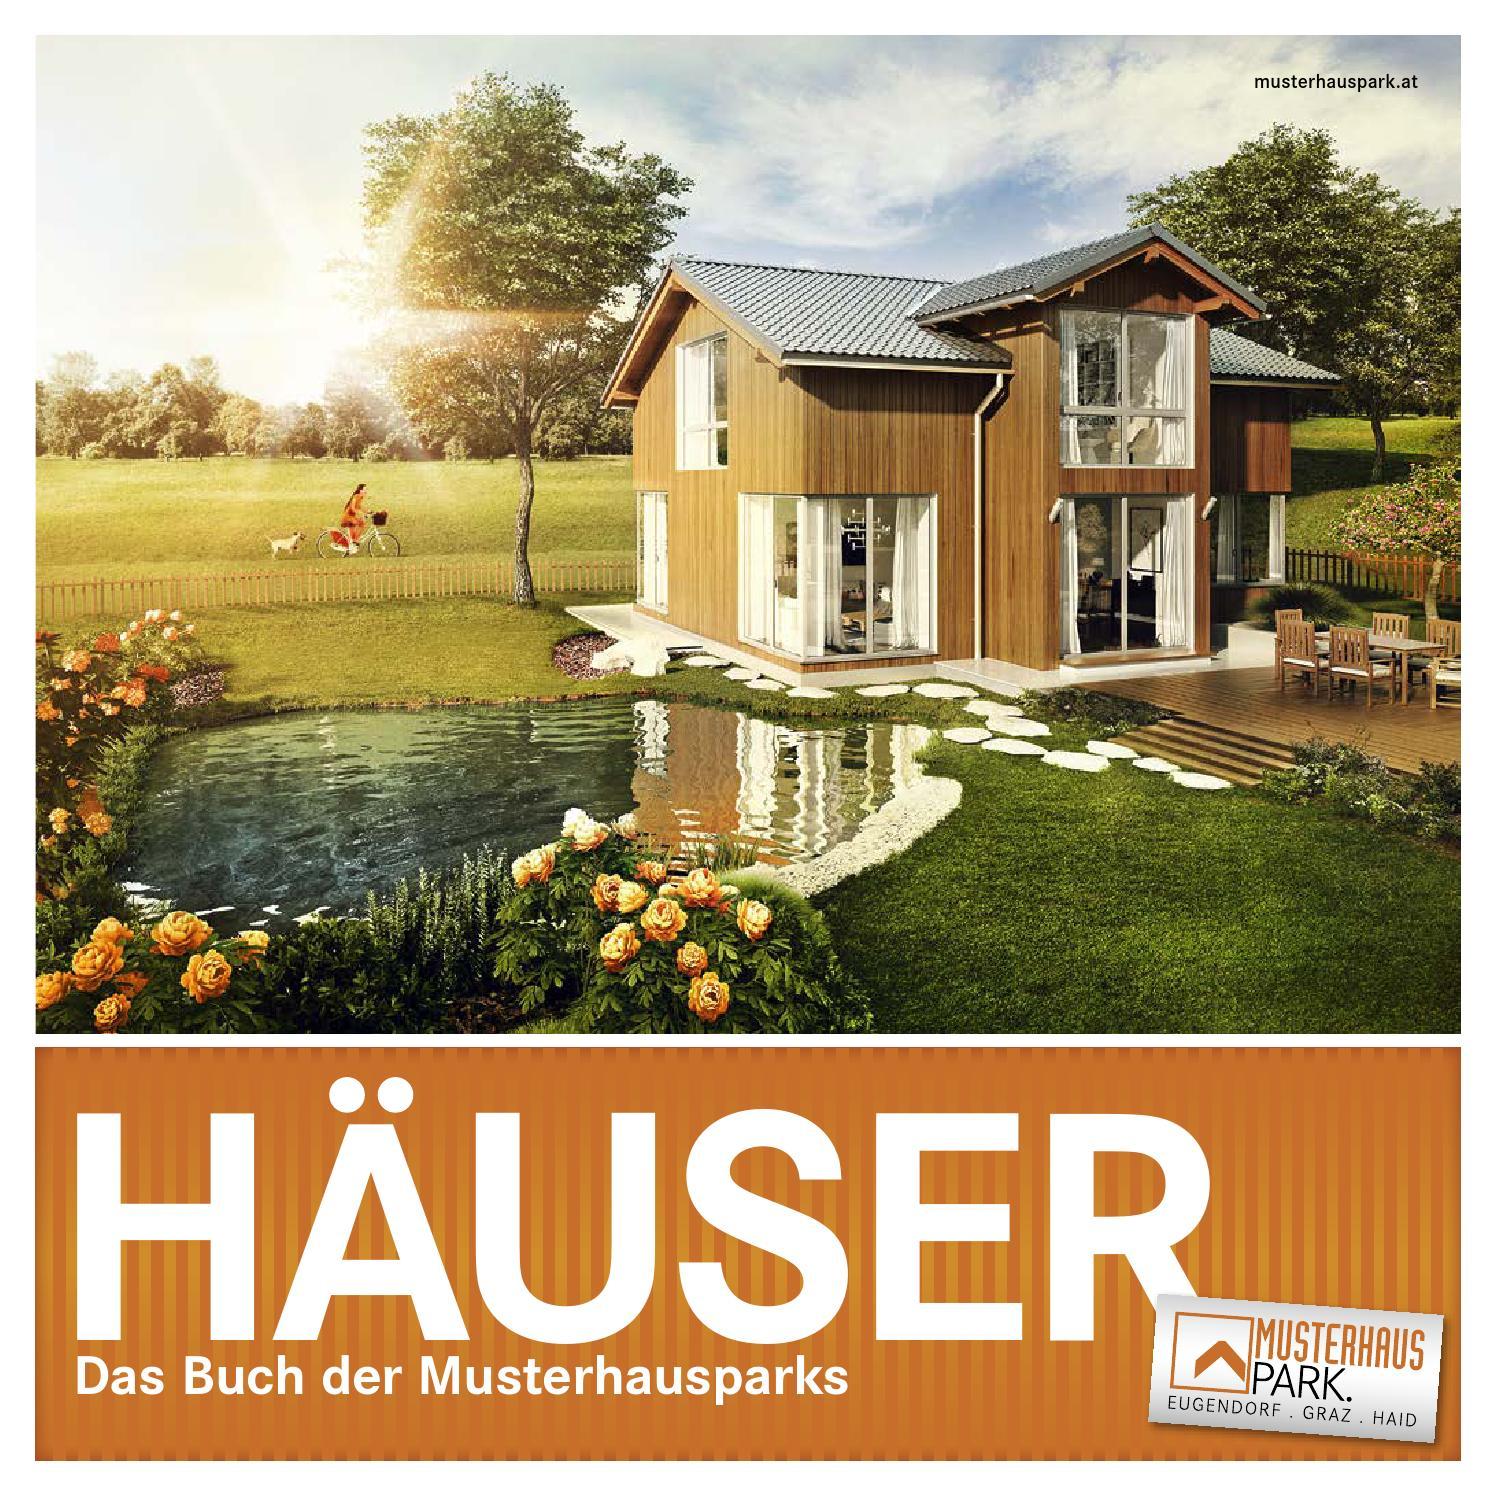 HÄUSER by Prock und Prock Marktkommunikation - issuu